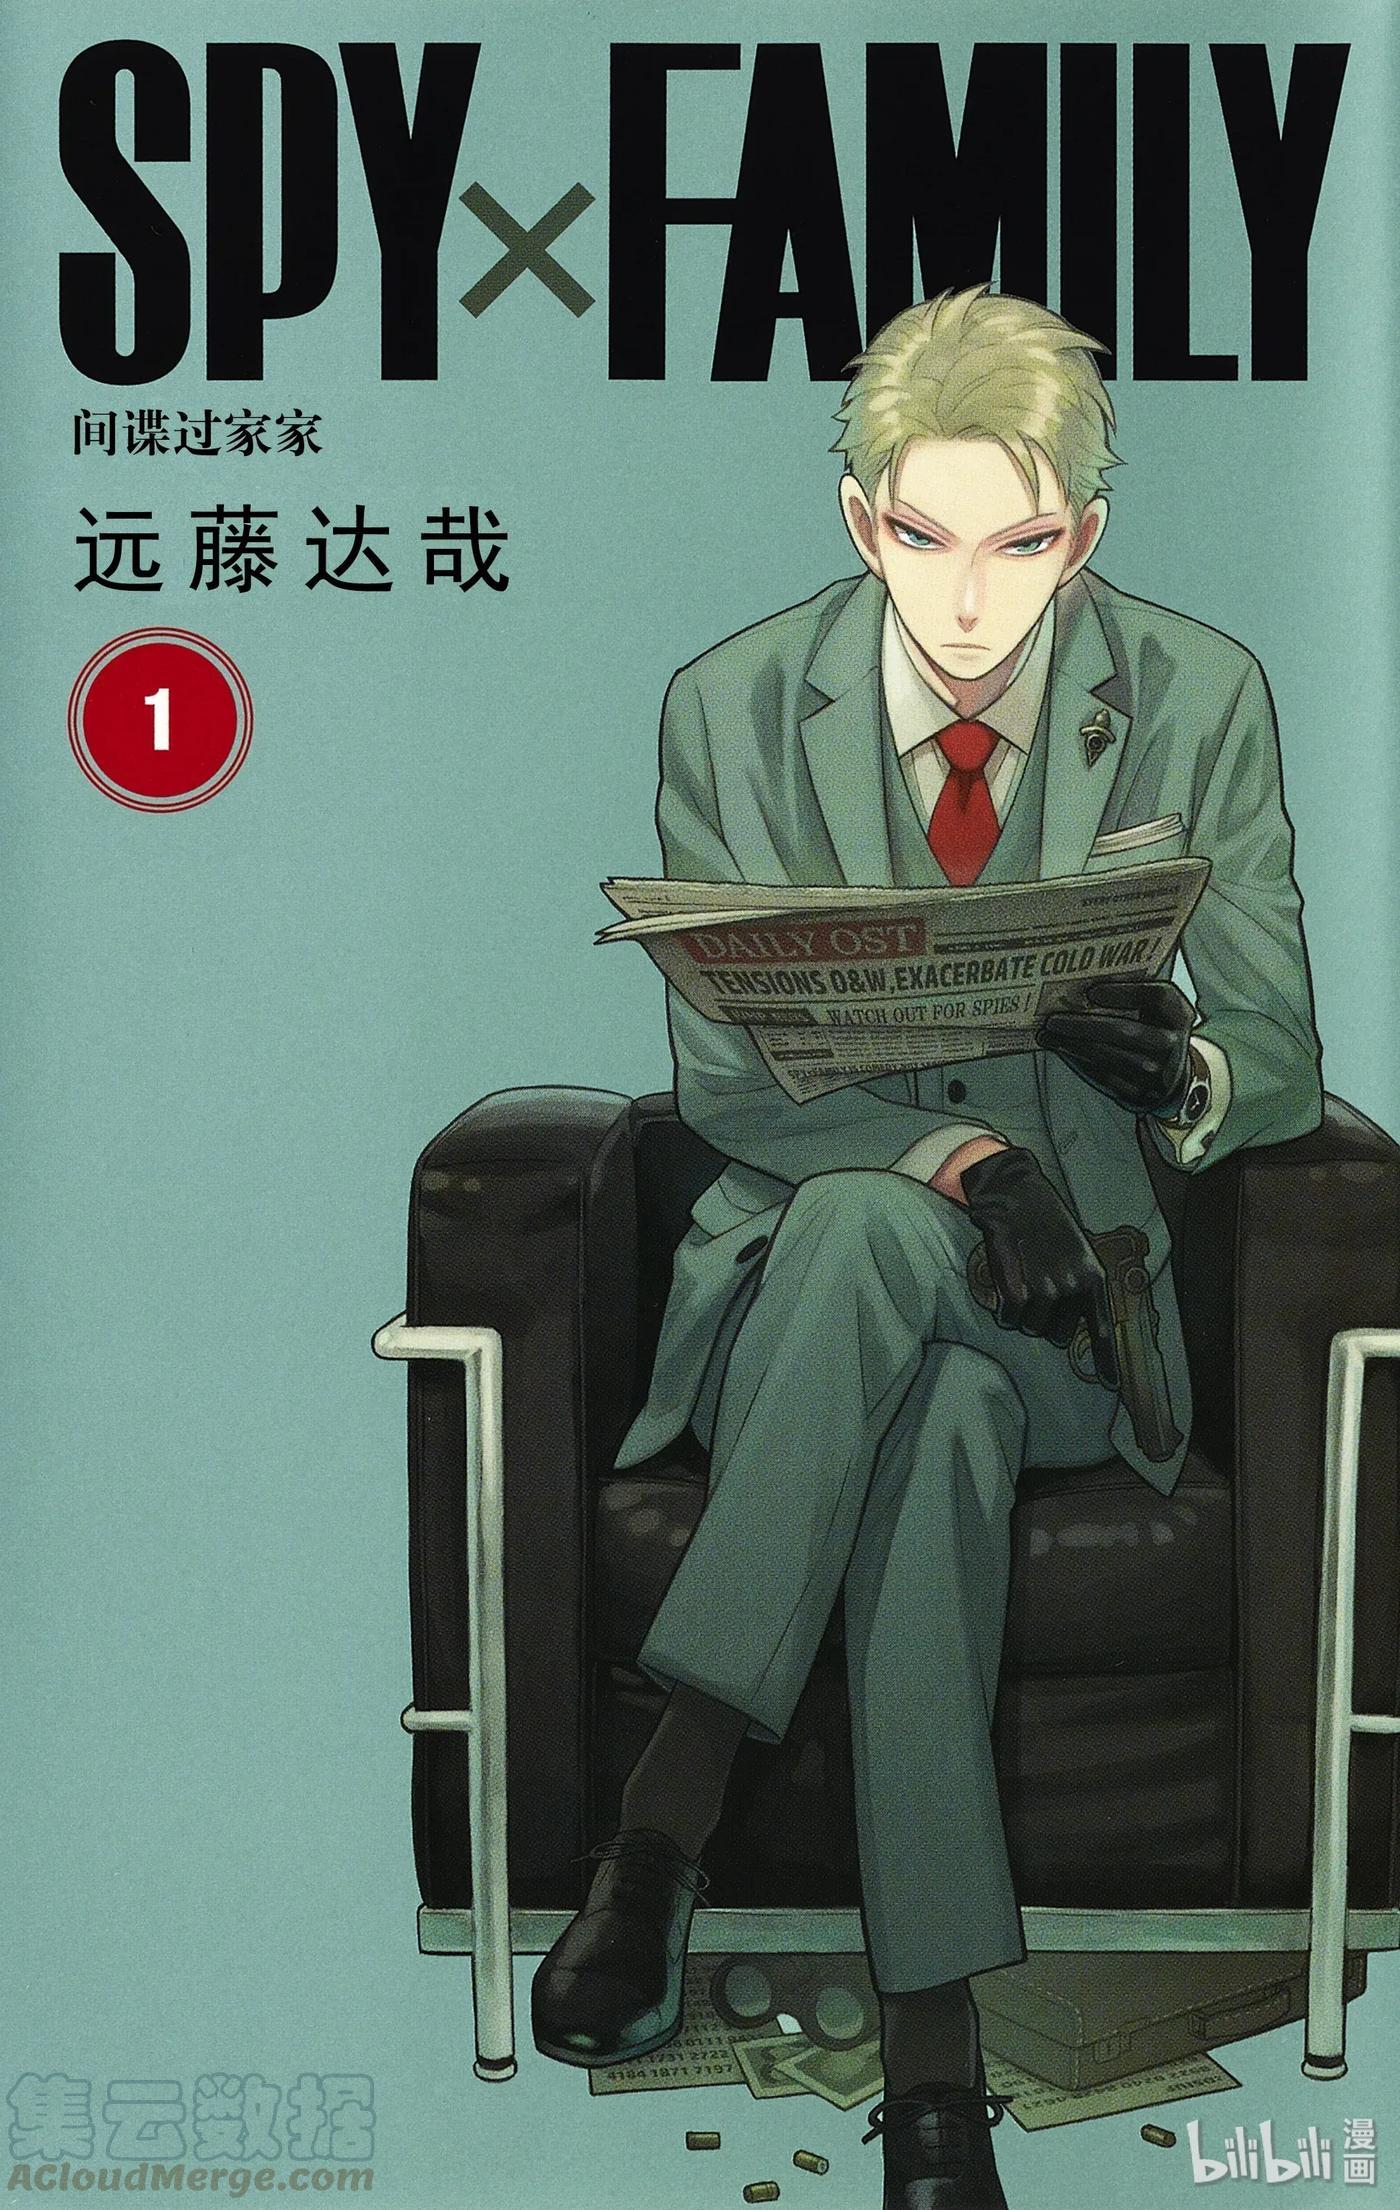 【漫画】【连载中】《SPY×FAMILY间谍过家家》百度网盘下载